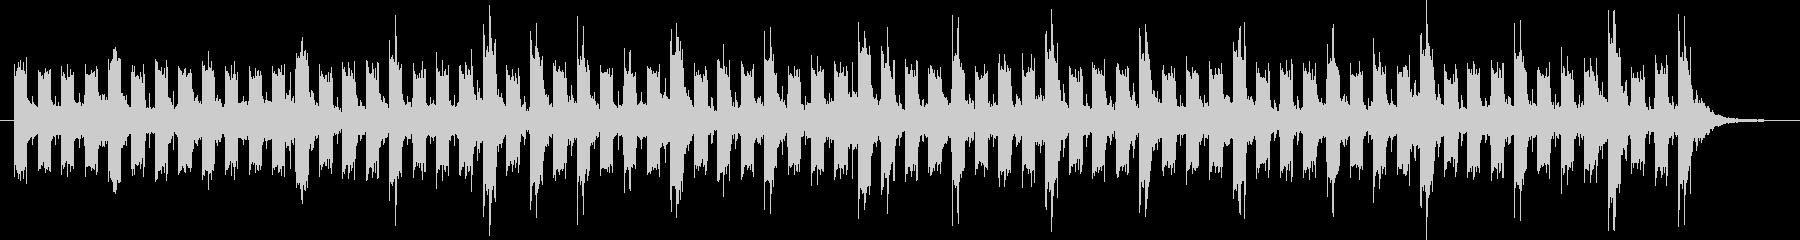 ベースの低音が基調のスローテンポな曲の未再生の波形